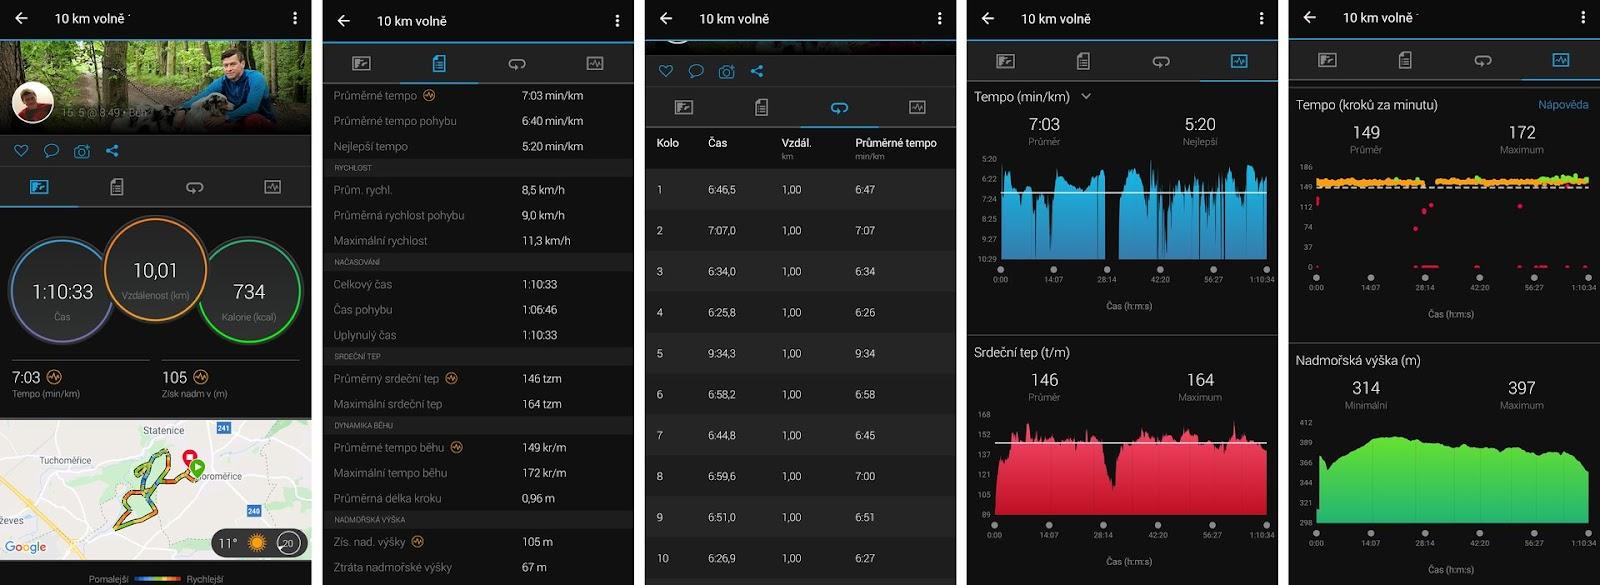 Aplikace Garmin - běh 10 km